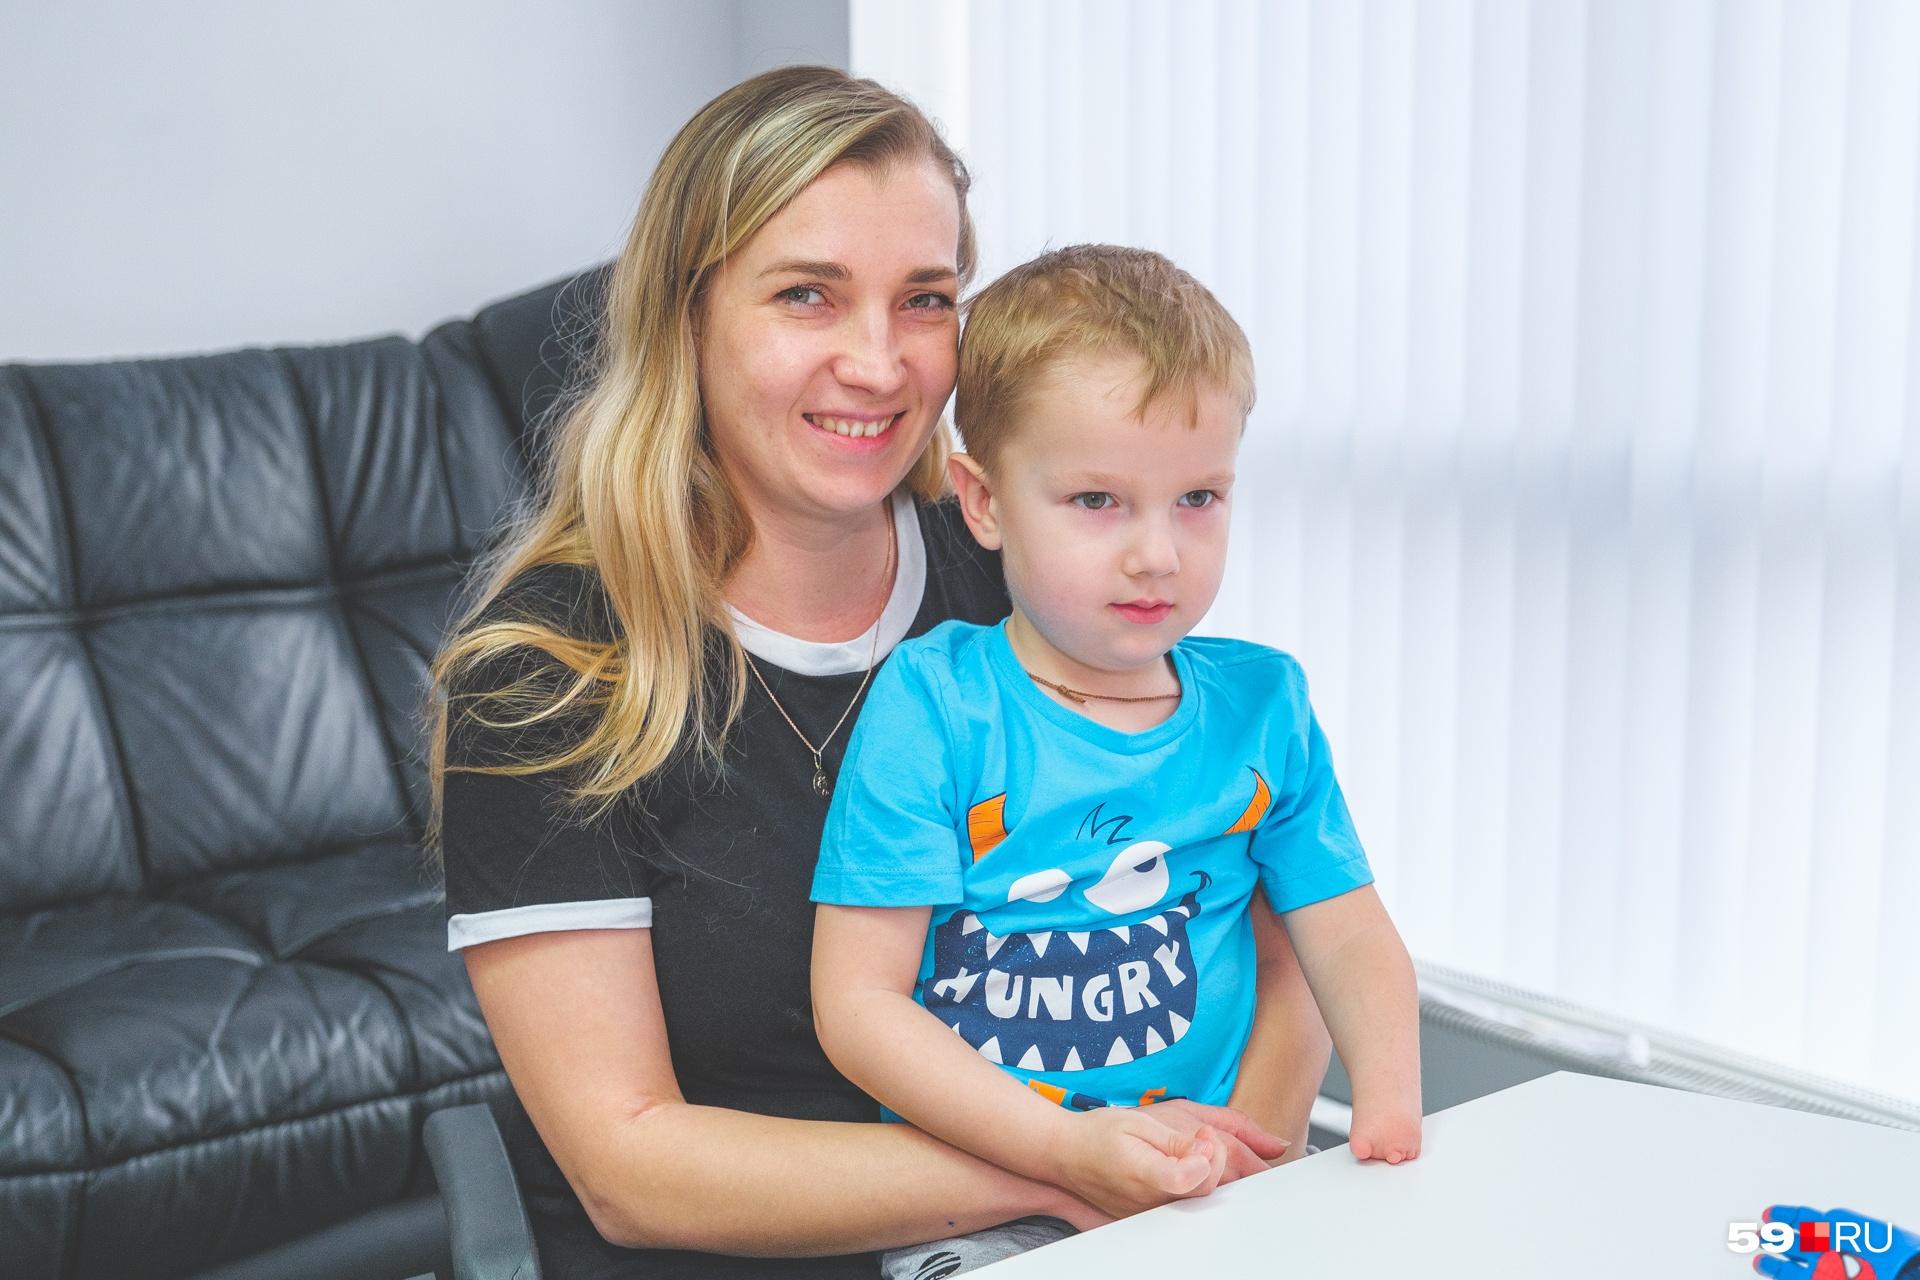 Ольга рассказывает, что из-за особенности Олега больше радуется его достижениям. Он может то же, что и обычные дети: рисовать, вырезать, ездить на самокате и даже немного на скейтборде